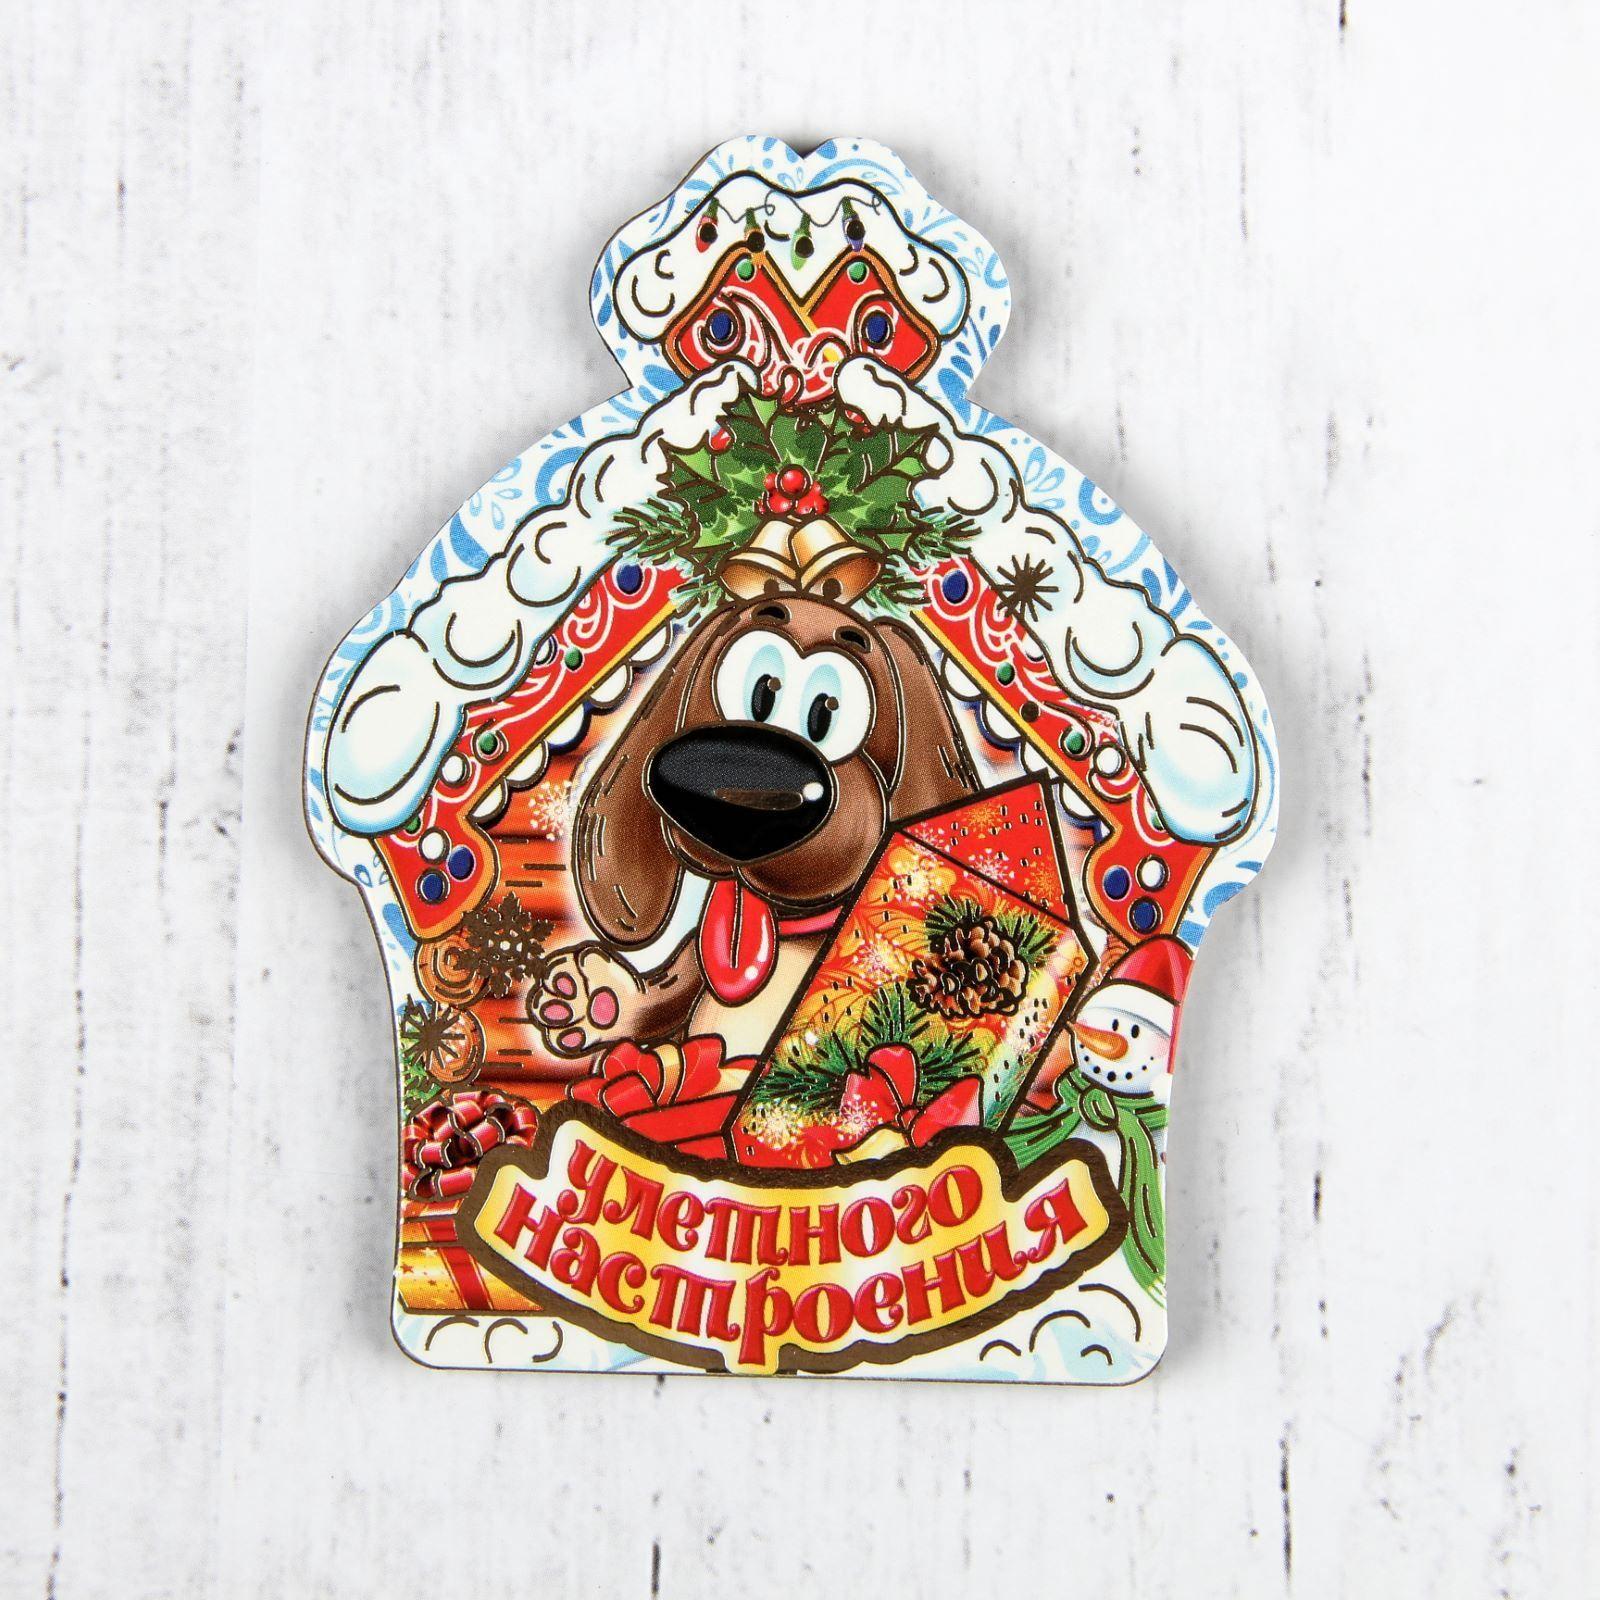 Магнит Sima-land Новогодний. 2018, 10 х 7,5 см. 25324182532418Порадуйте родных и близких оригинальным сувениром: преподнесите в подарок магнит. С ним даже самый серьёзный человек почувствует себя ребёнком, ожидающим чудо! Создайте праздничное настроение, и оно останется с вами на весь год.